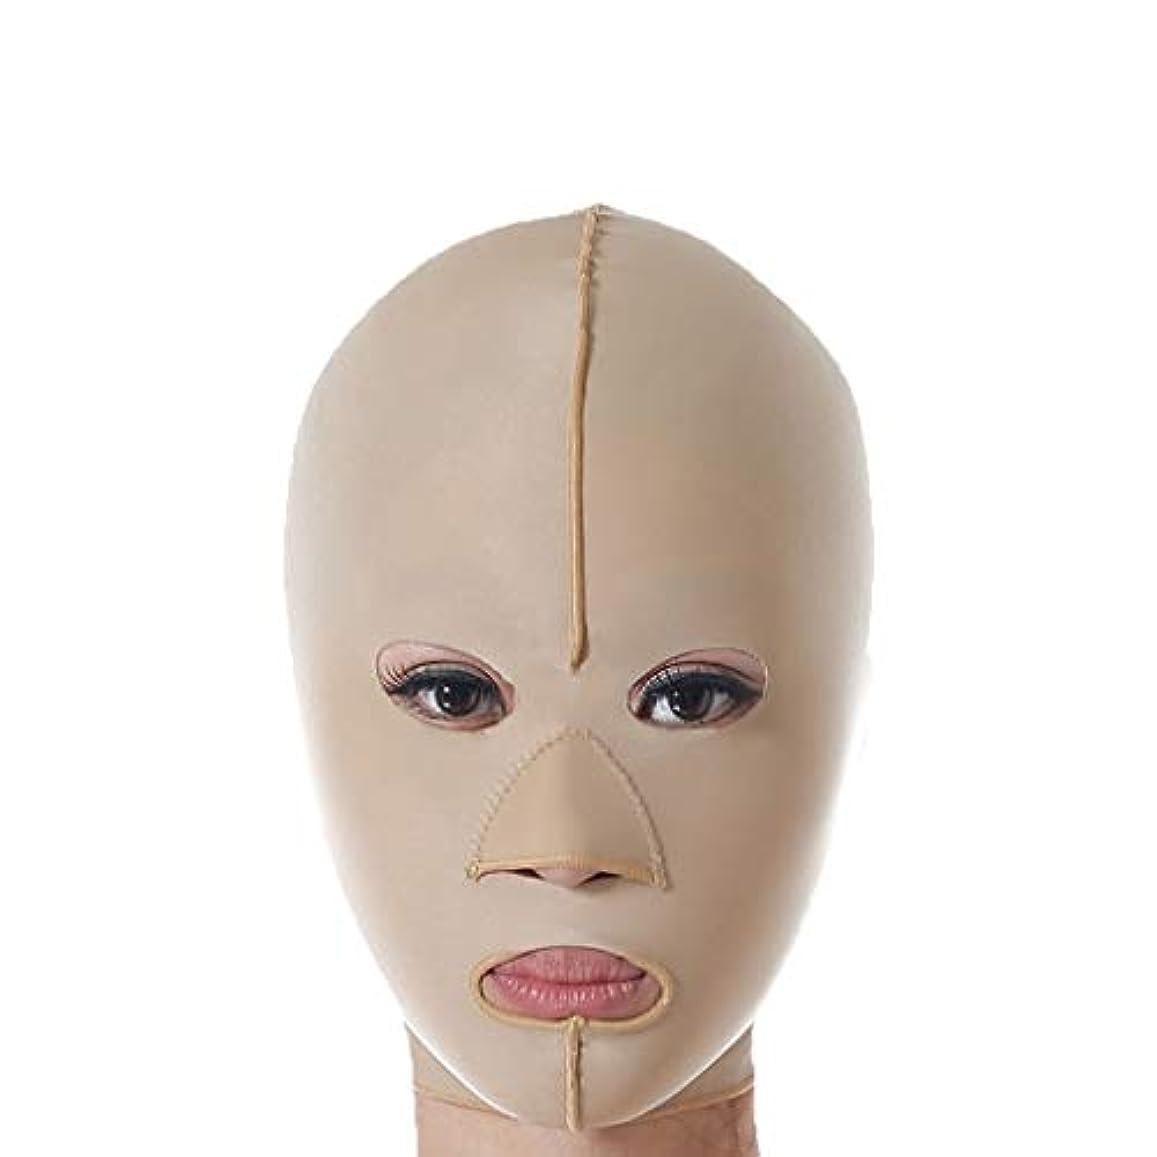 ハンバーガー可能にする突然XHLMRMJ 減量フェイスマスク、リフティング包帯、スリムフェイスリフトリフティングベルト、フェイシャル減量リフティング包帯 (Size : L)